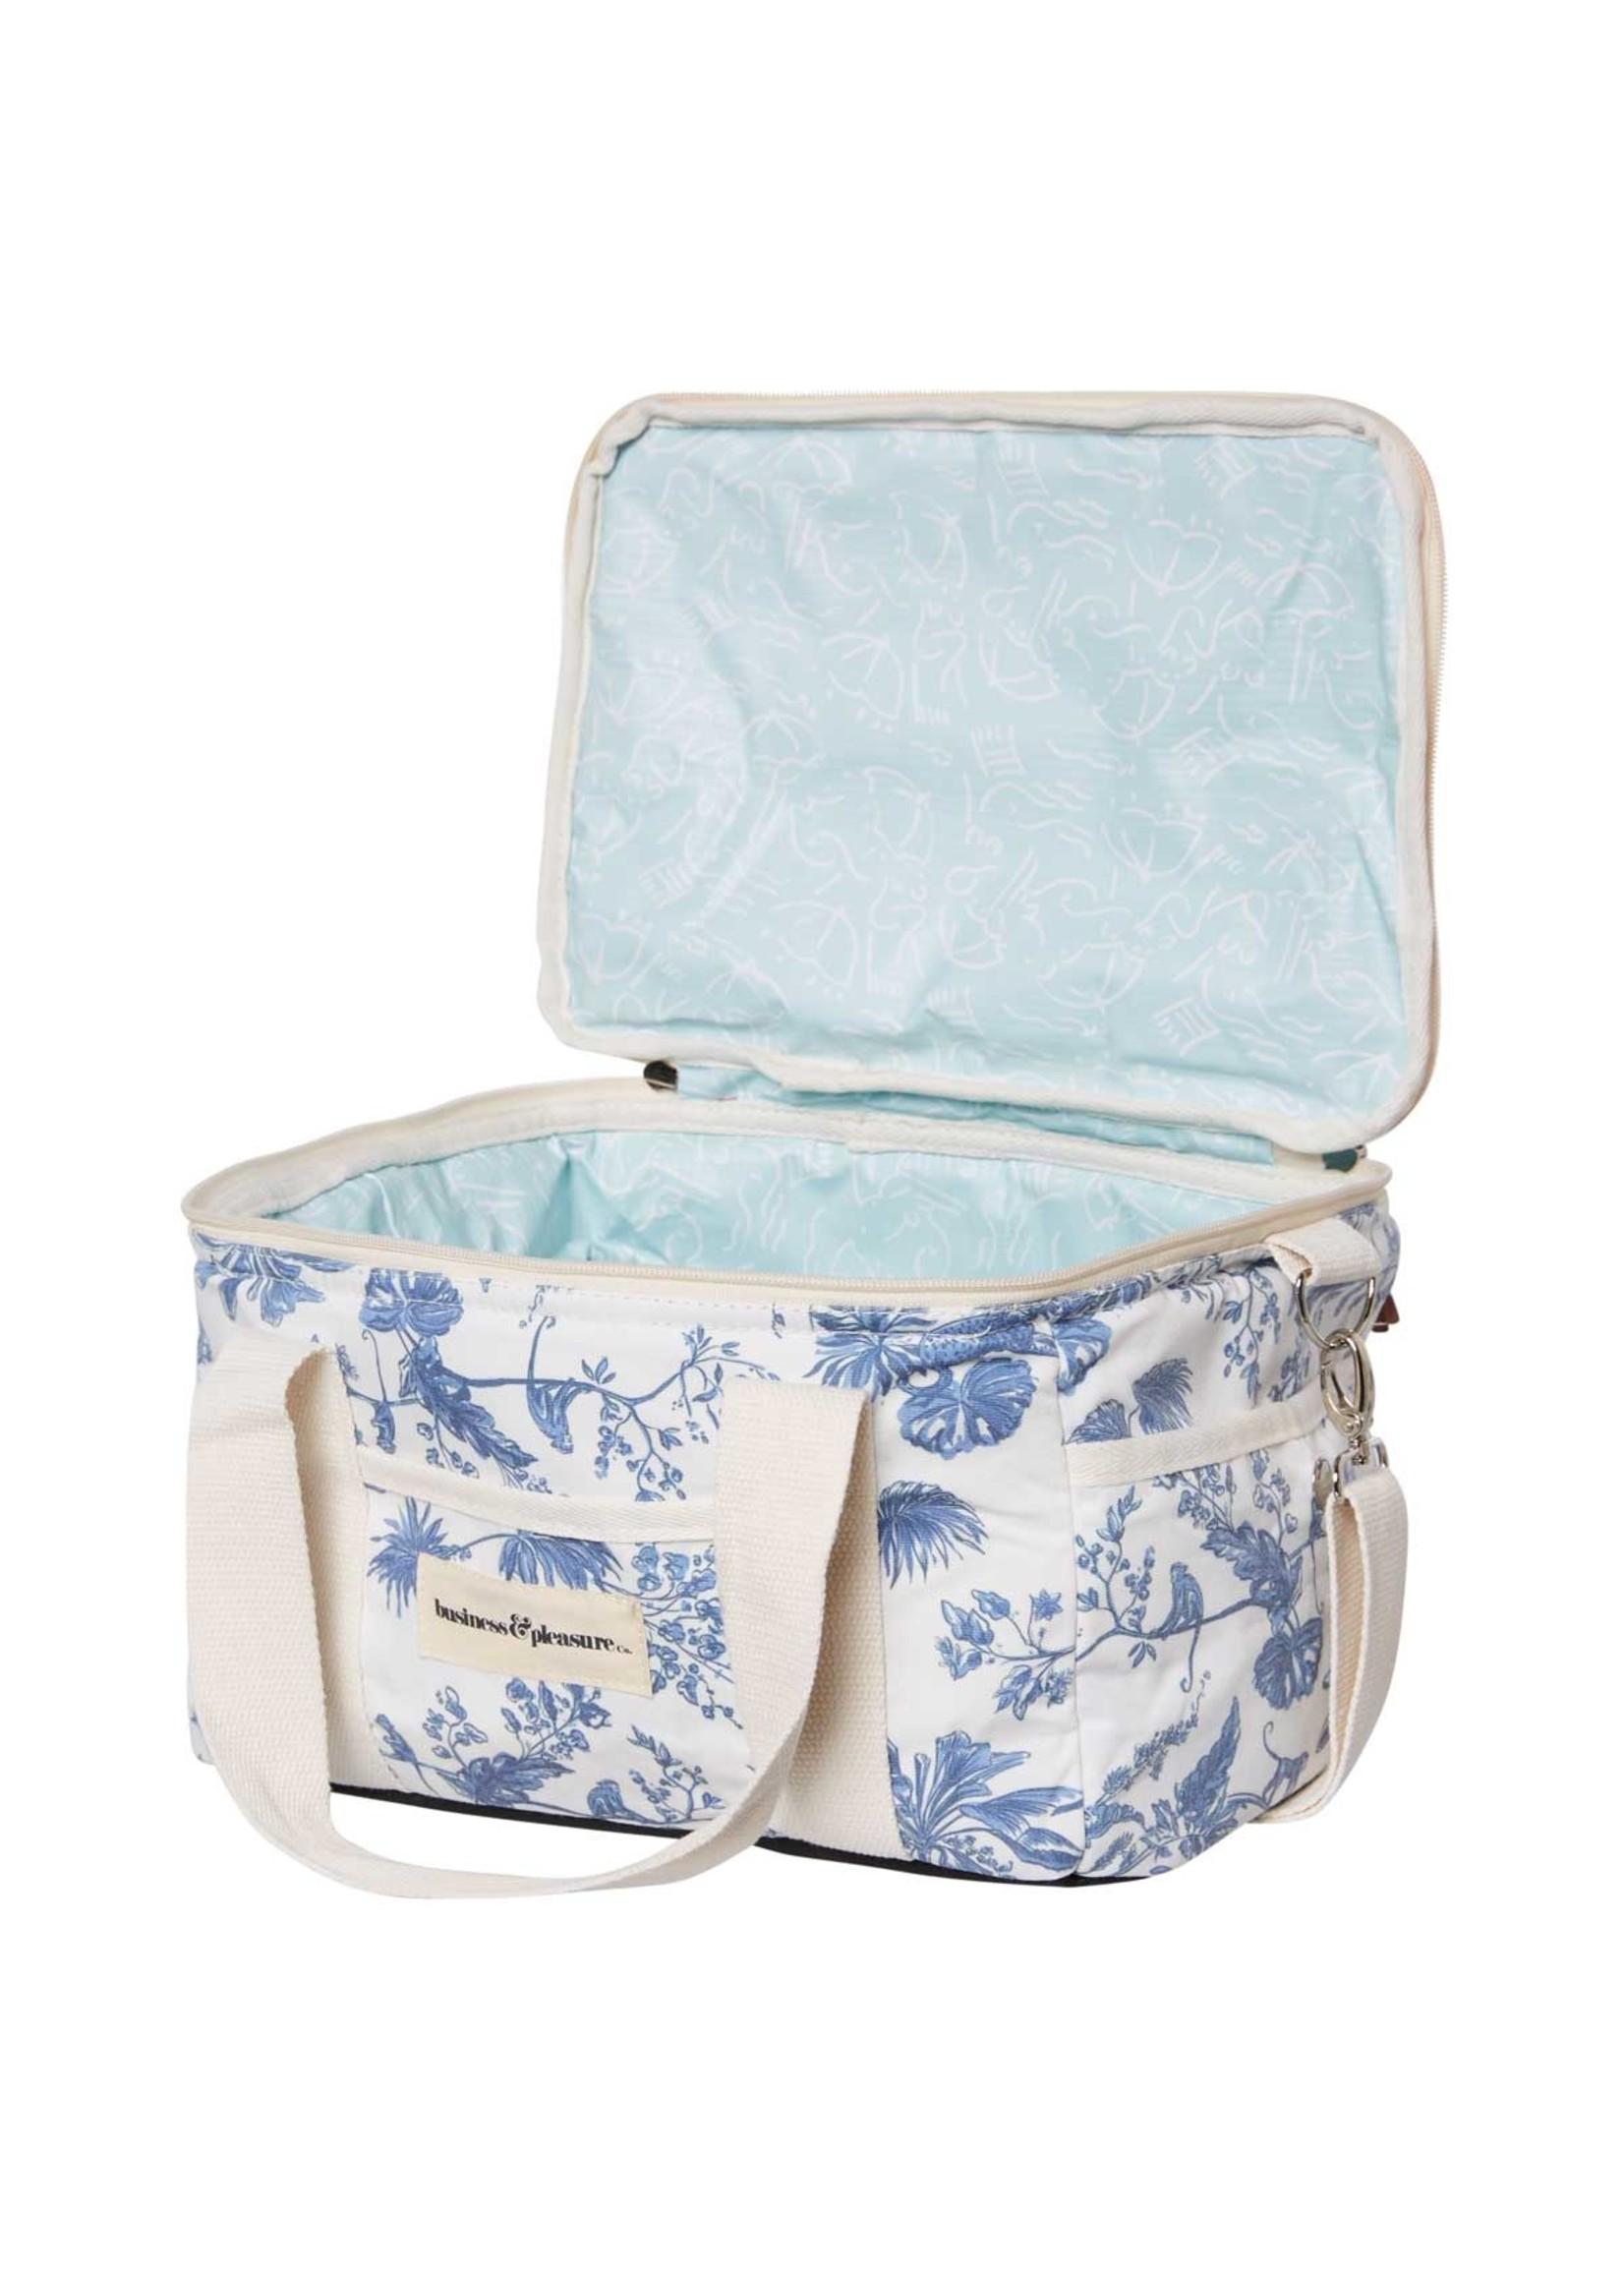 Premium Cooler - Chinoiserie Blue